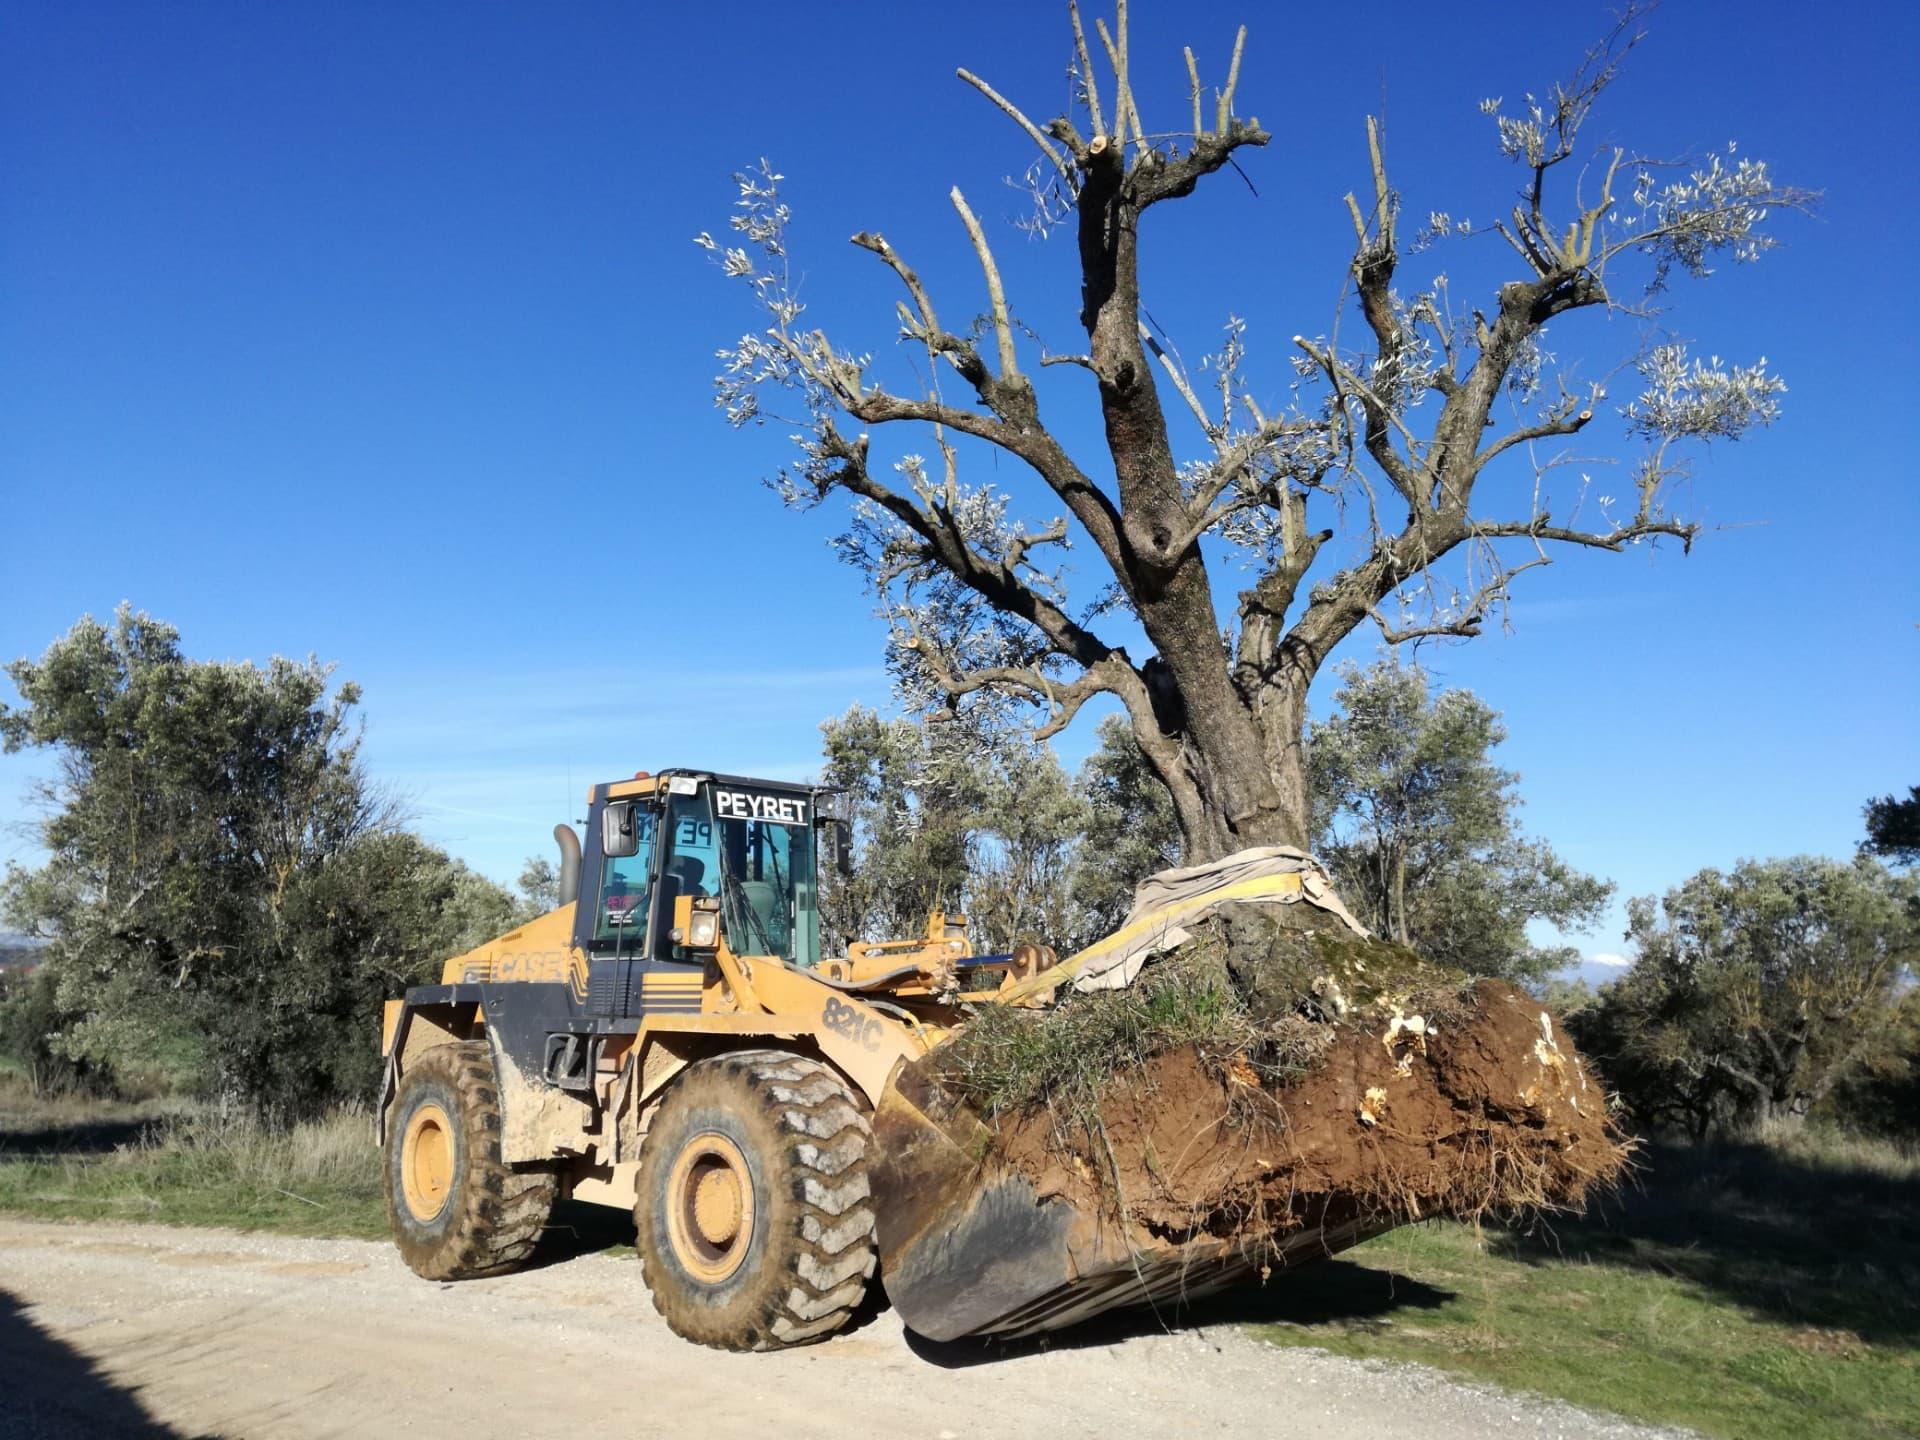 trabajo-especial-plantacion-olivos